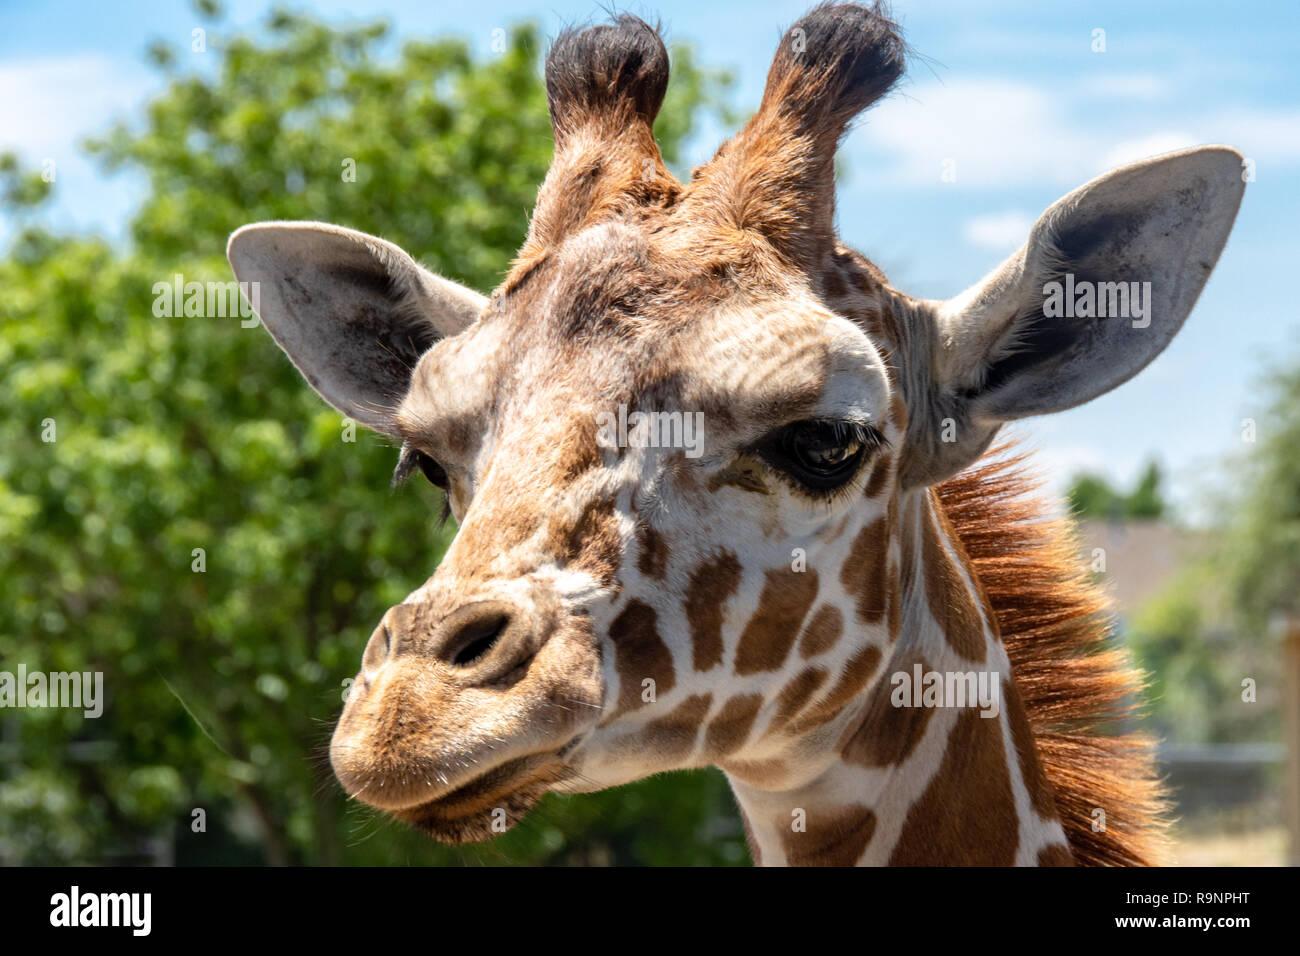 South African Giraffe (Giraffa camelopardalis giraffa) at Tanganyika